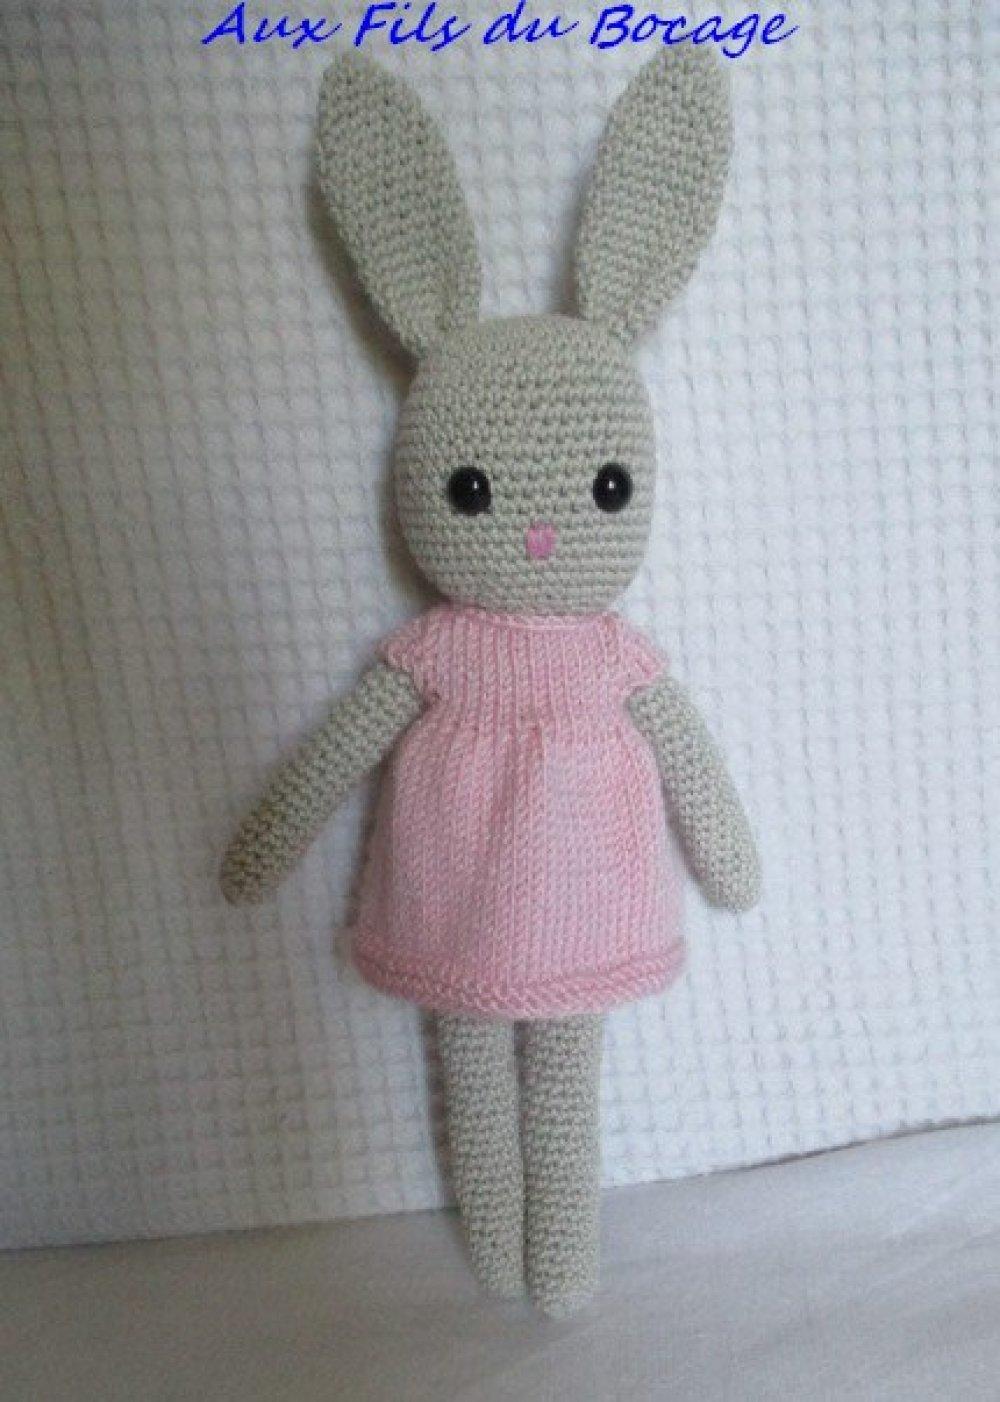 Lapin au crochet, doudou lapin au crochet - Un grand marché | 1402x1000